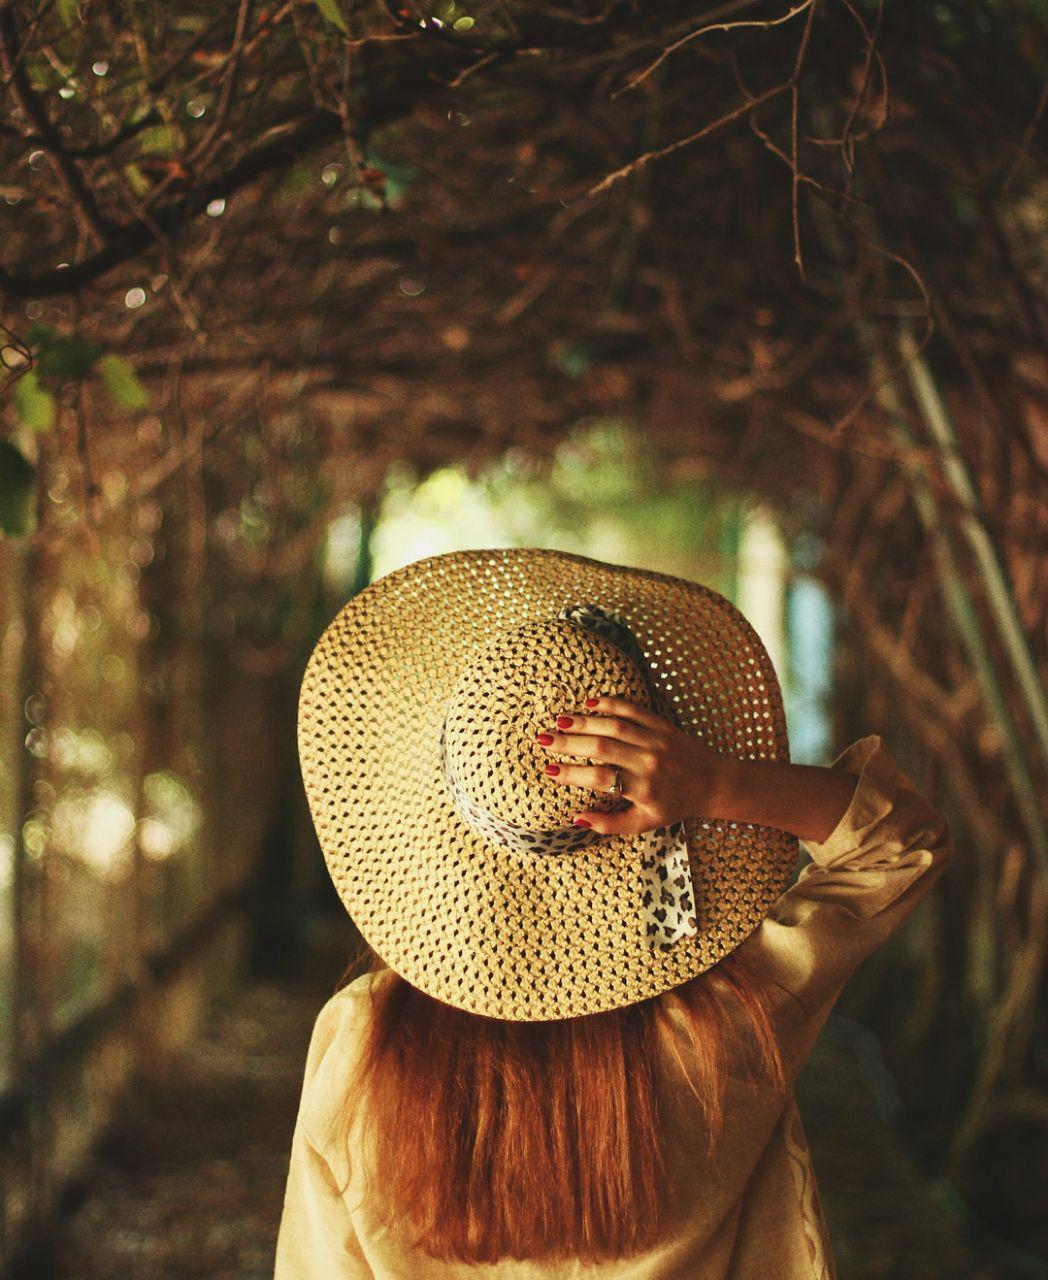 عکس زیبا از دختر با کلاه